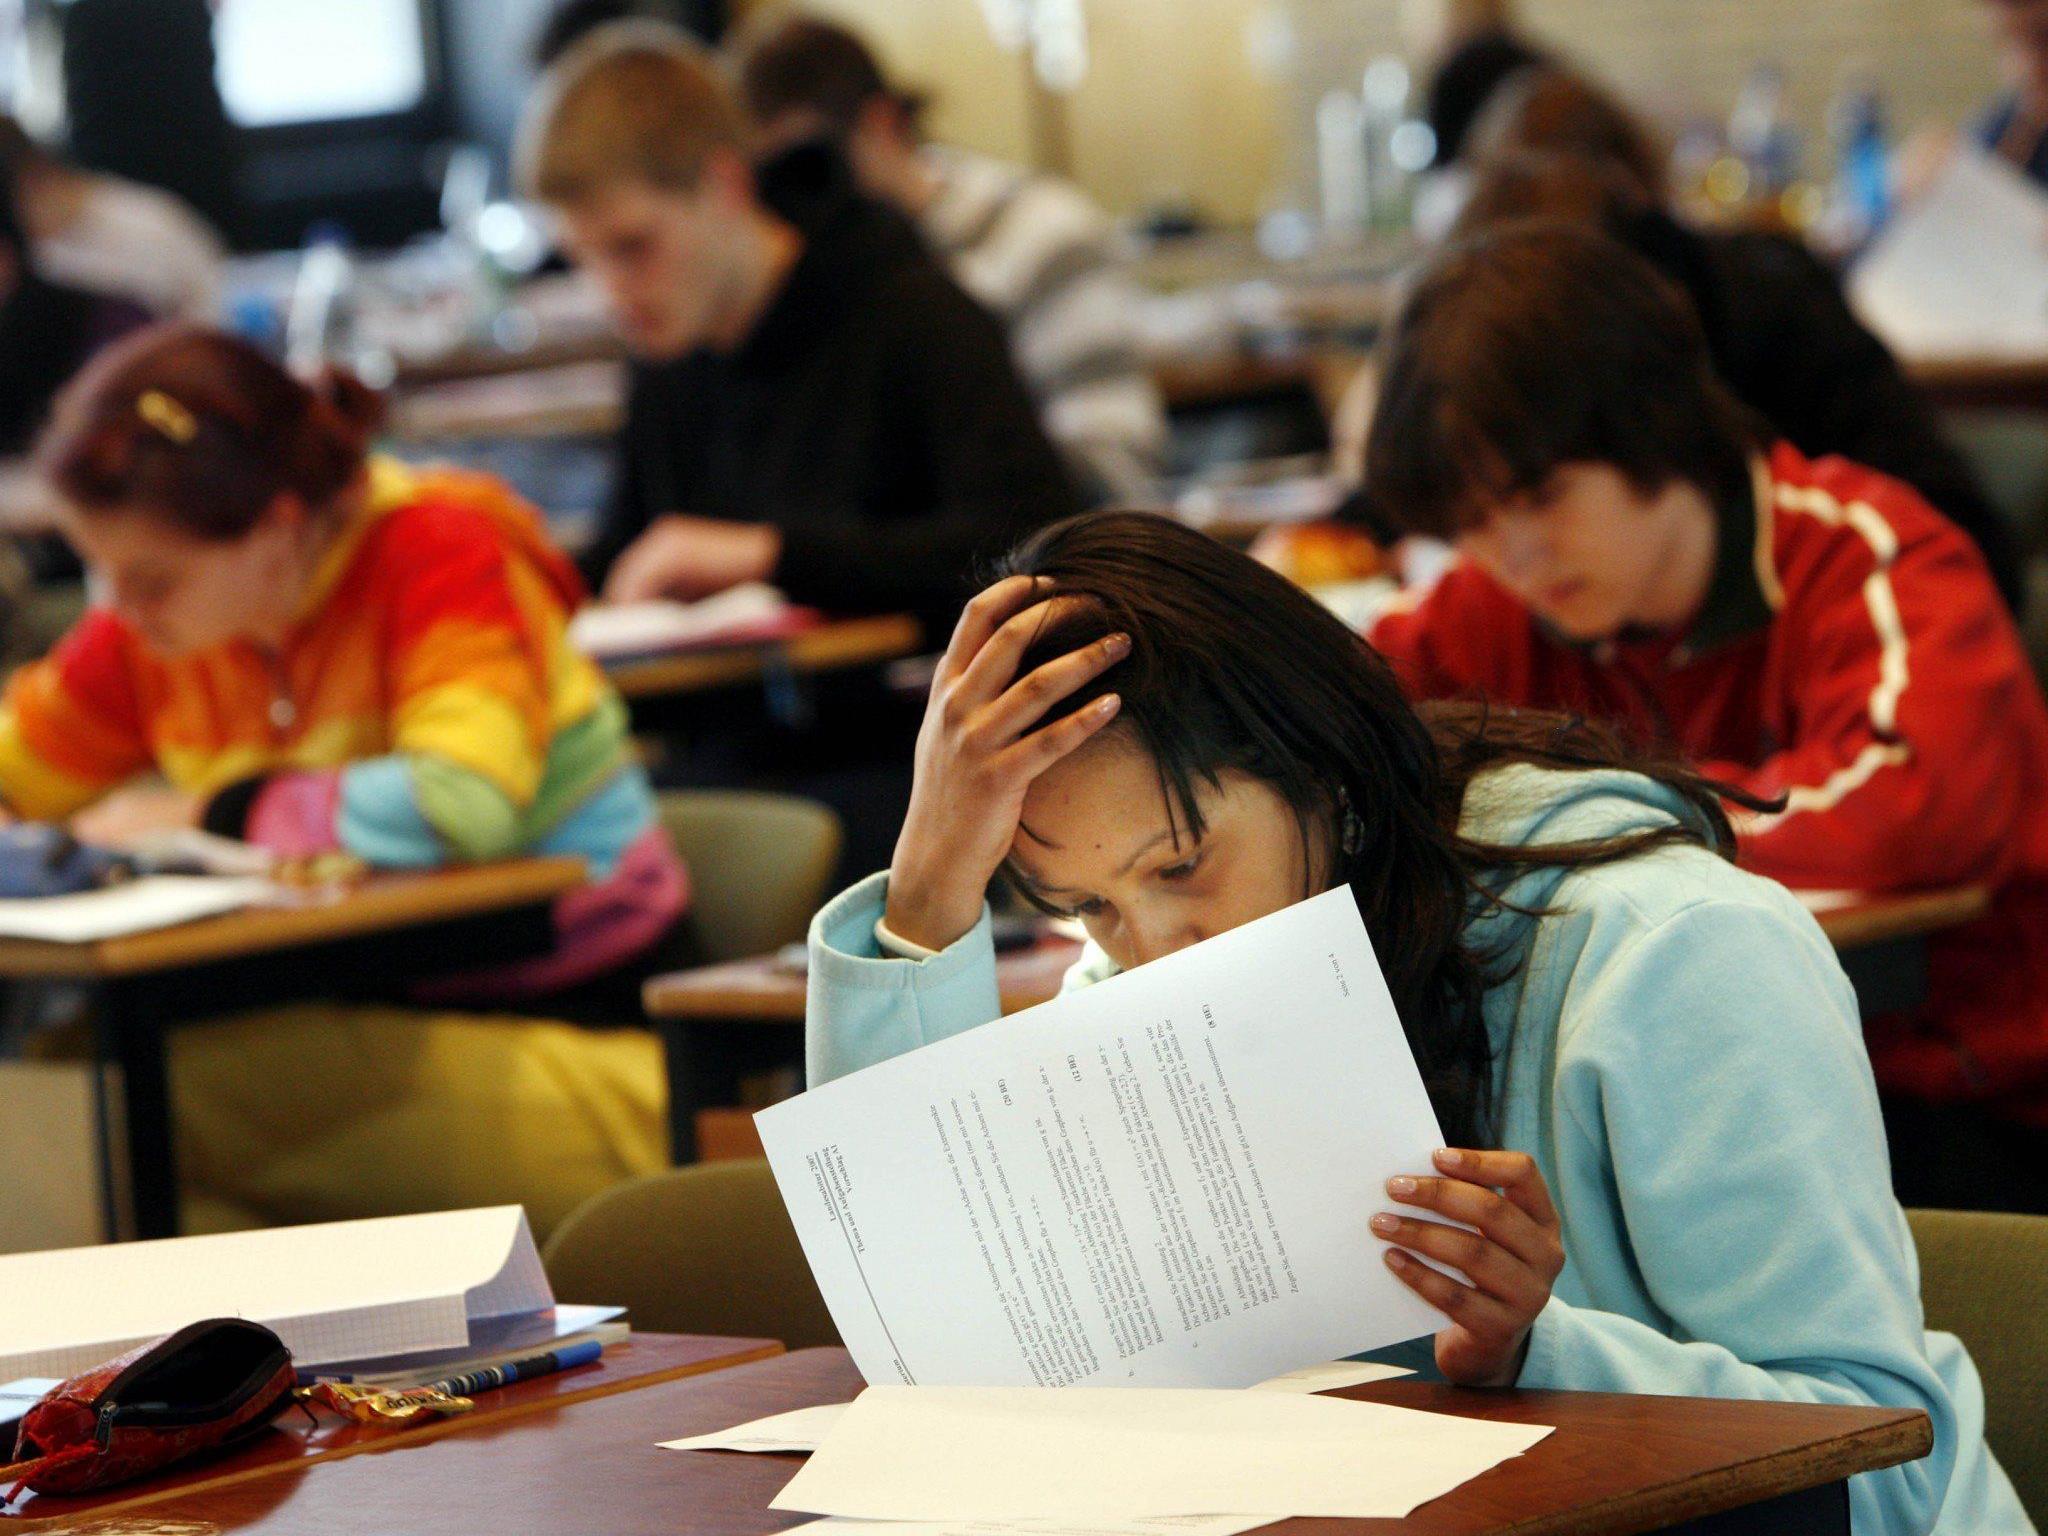 Zugangsbeschränkungen an den Unis machen die Matura in den Augen einiger als Studiumsberechtigung überflüssig.